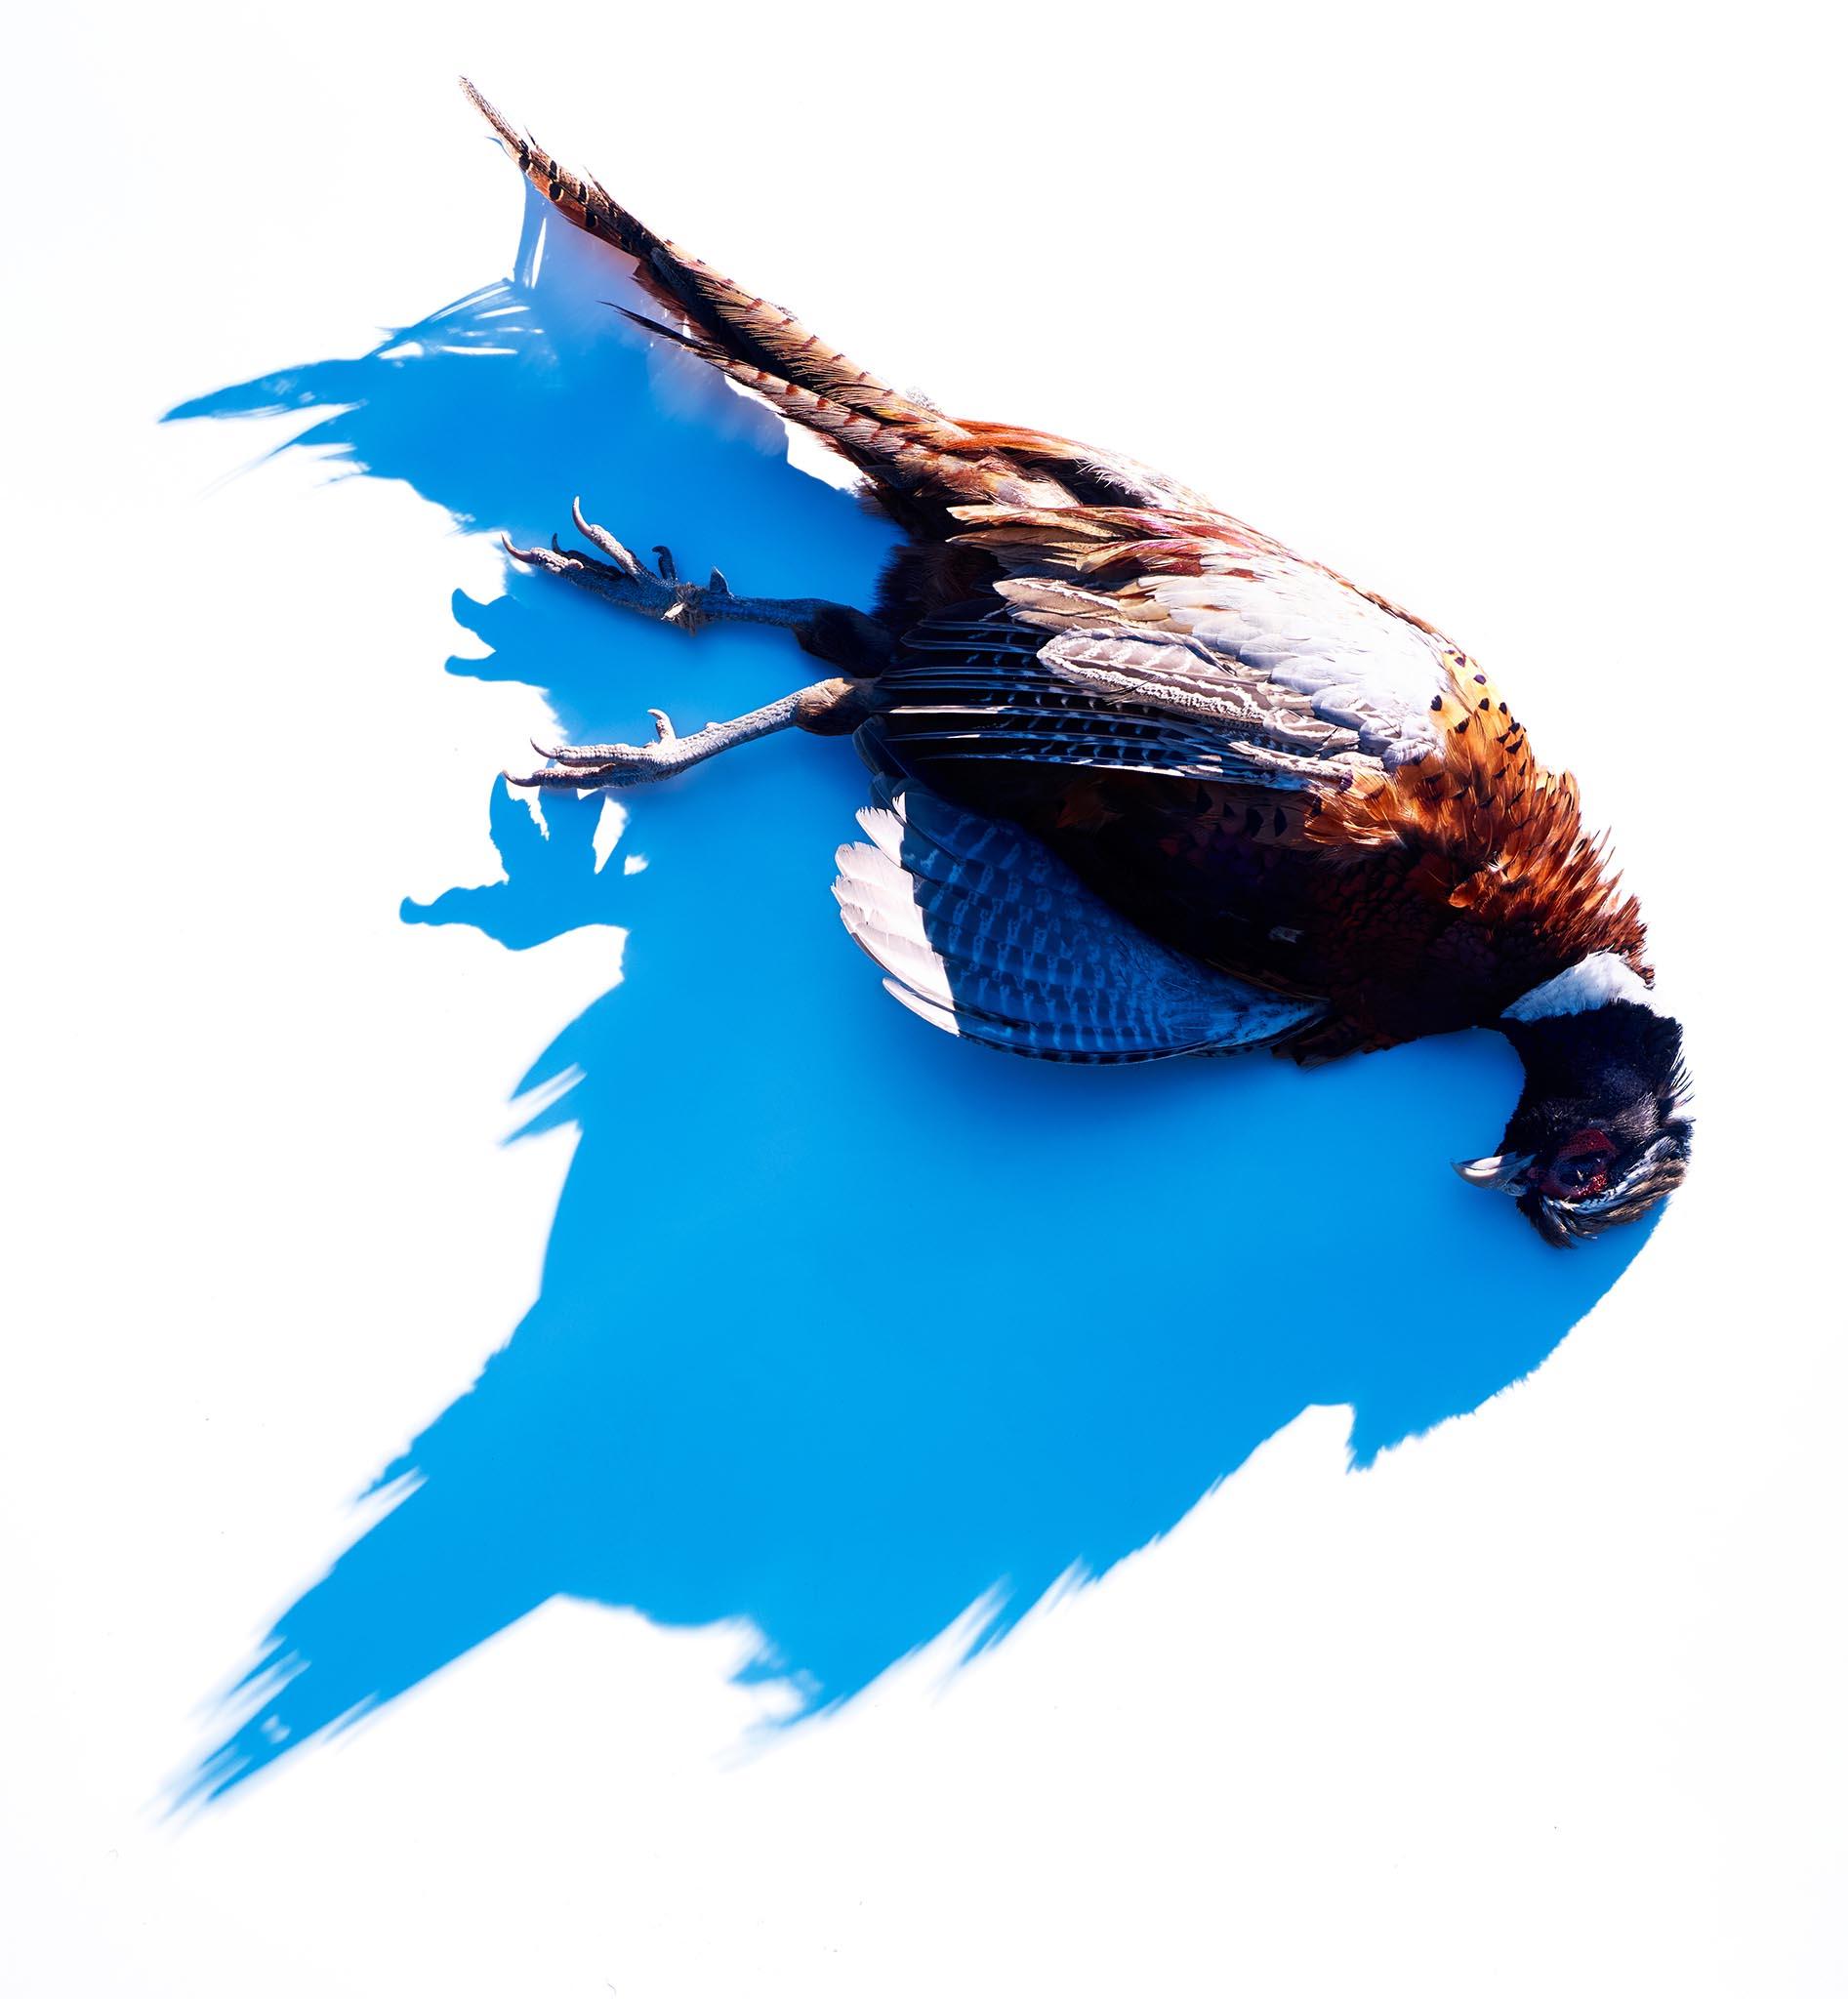 flemish-pheasant-maie-web.jpg